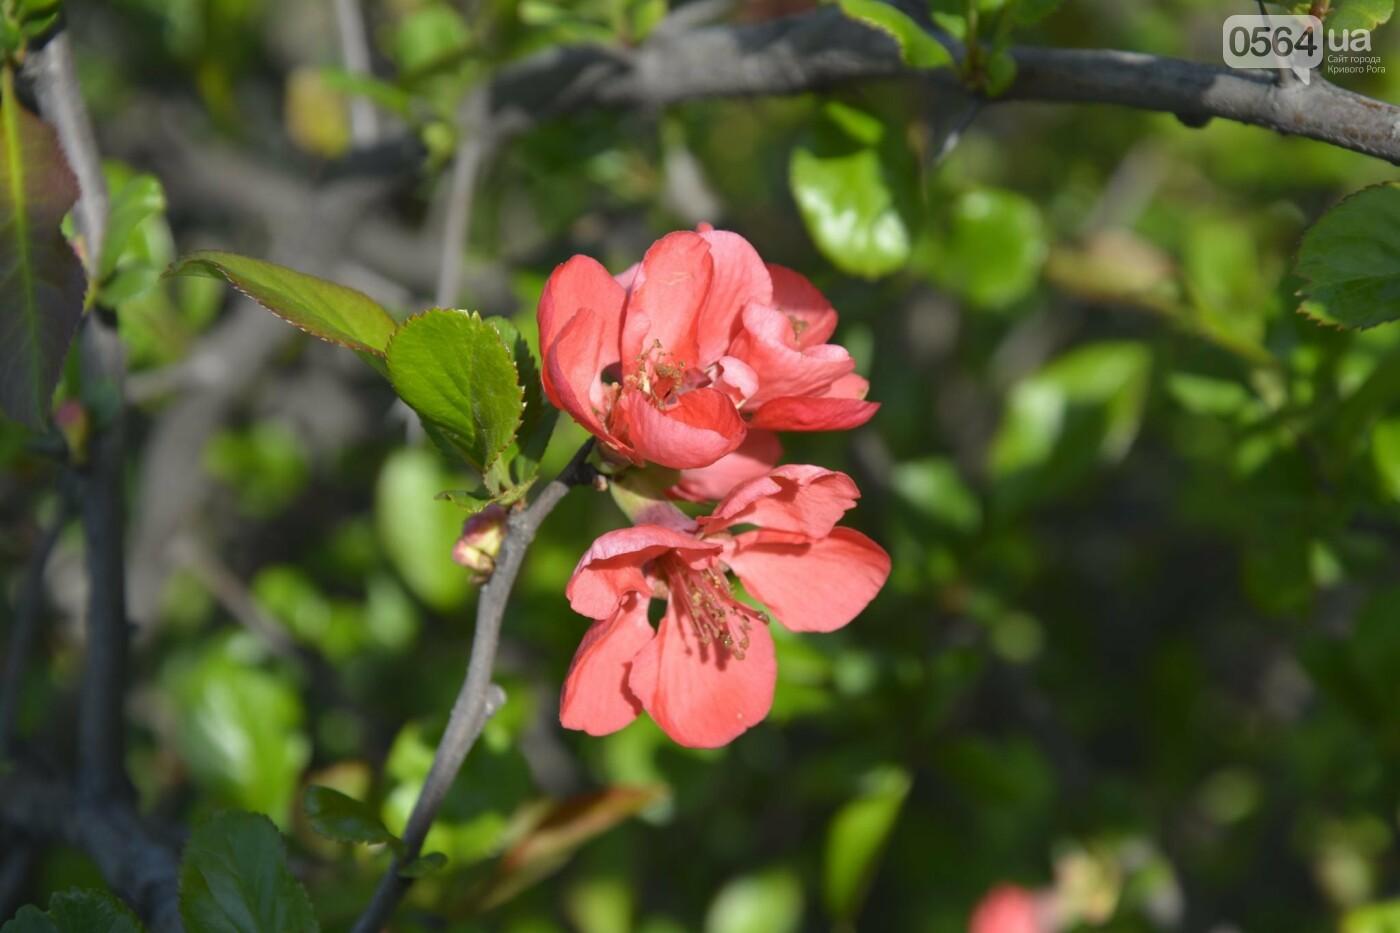 """Коллекция сирени, тюльпан """"Черный кофе"""", барбарис, - как выглядит Криворожский ботанический сад сегодня, - ФОТО, фото-22"""